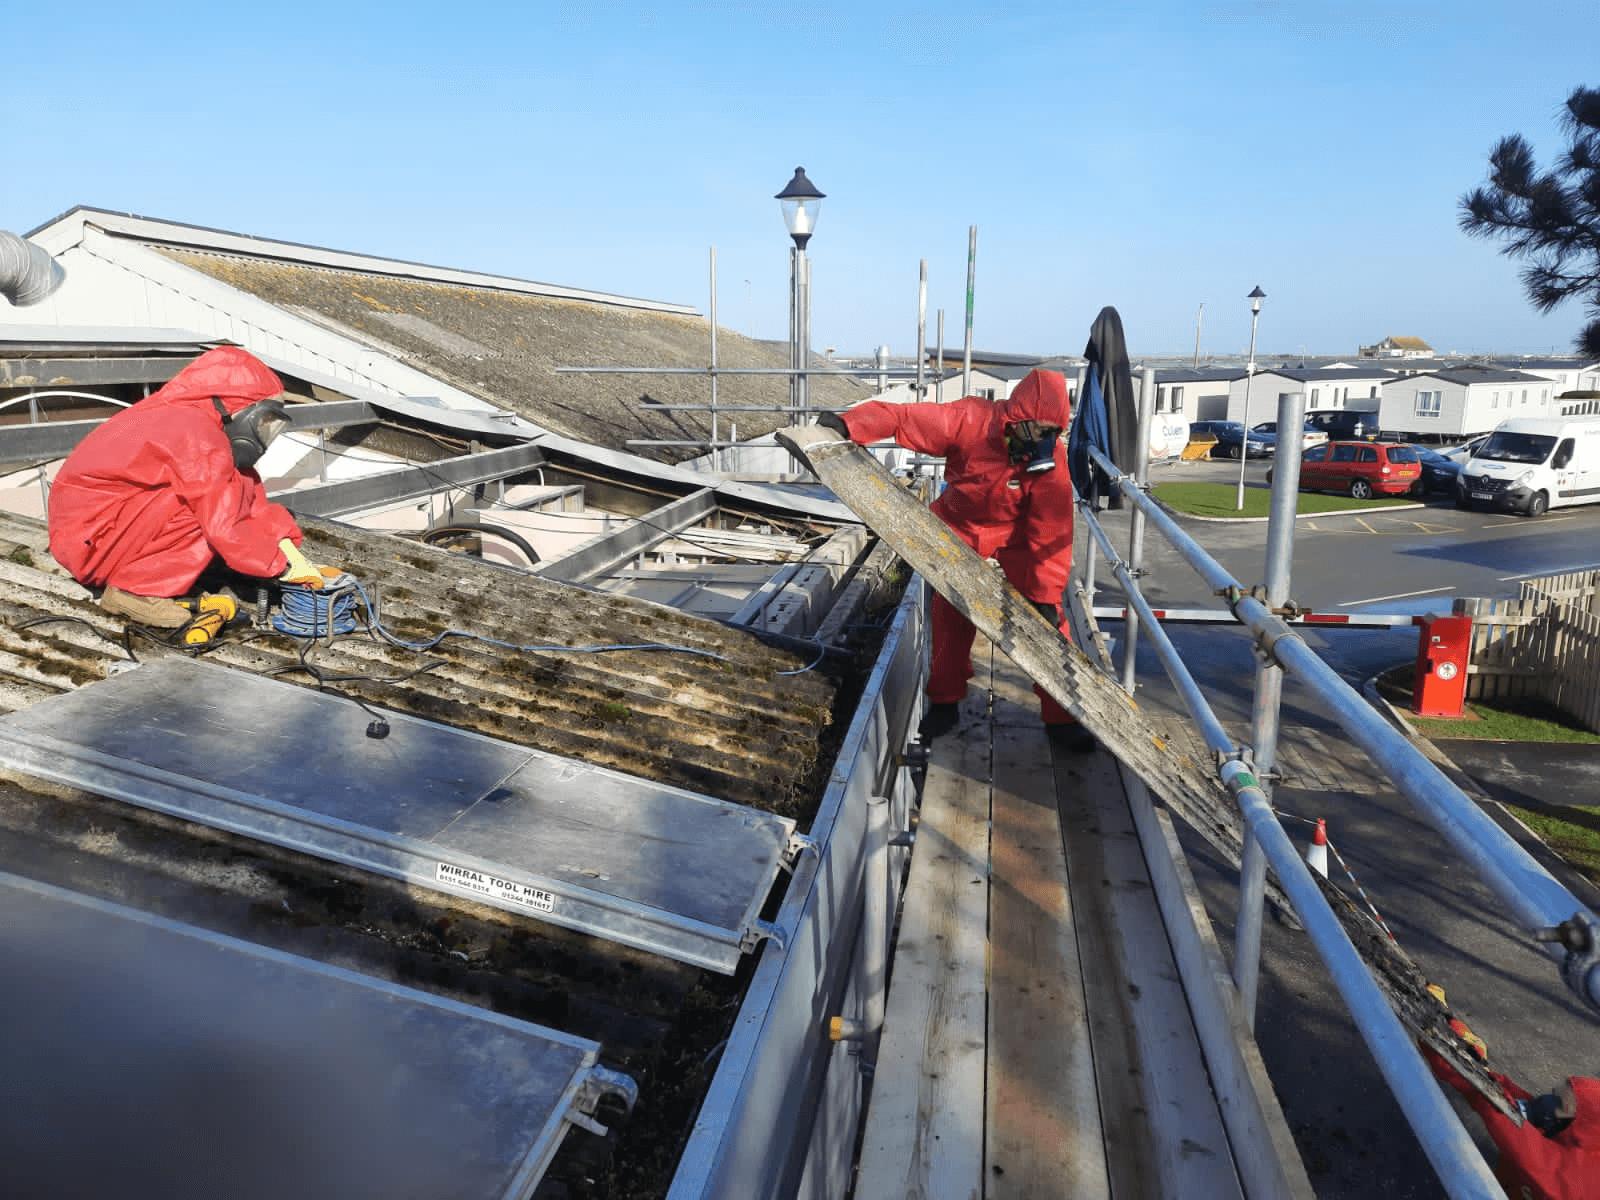 North Wales holiday park asbestos check